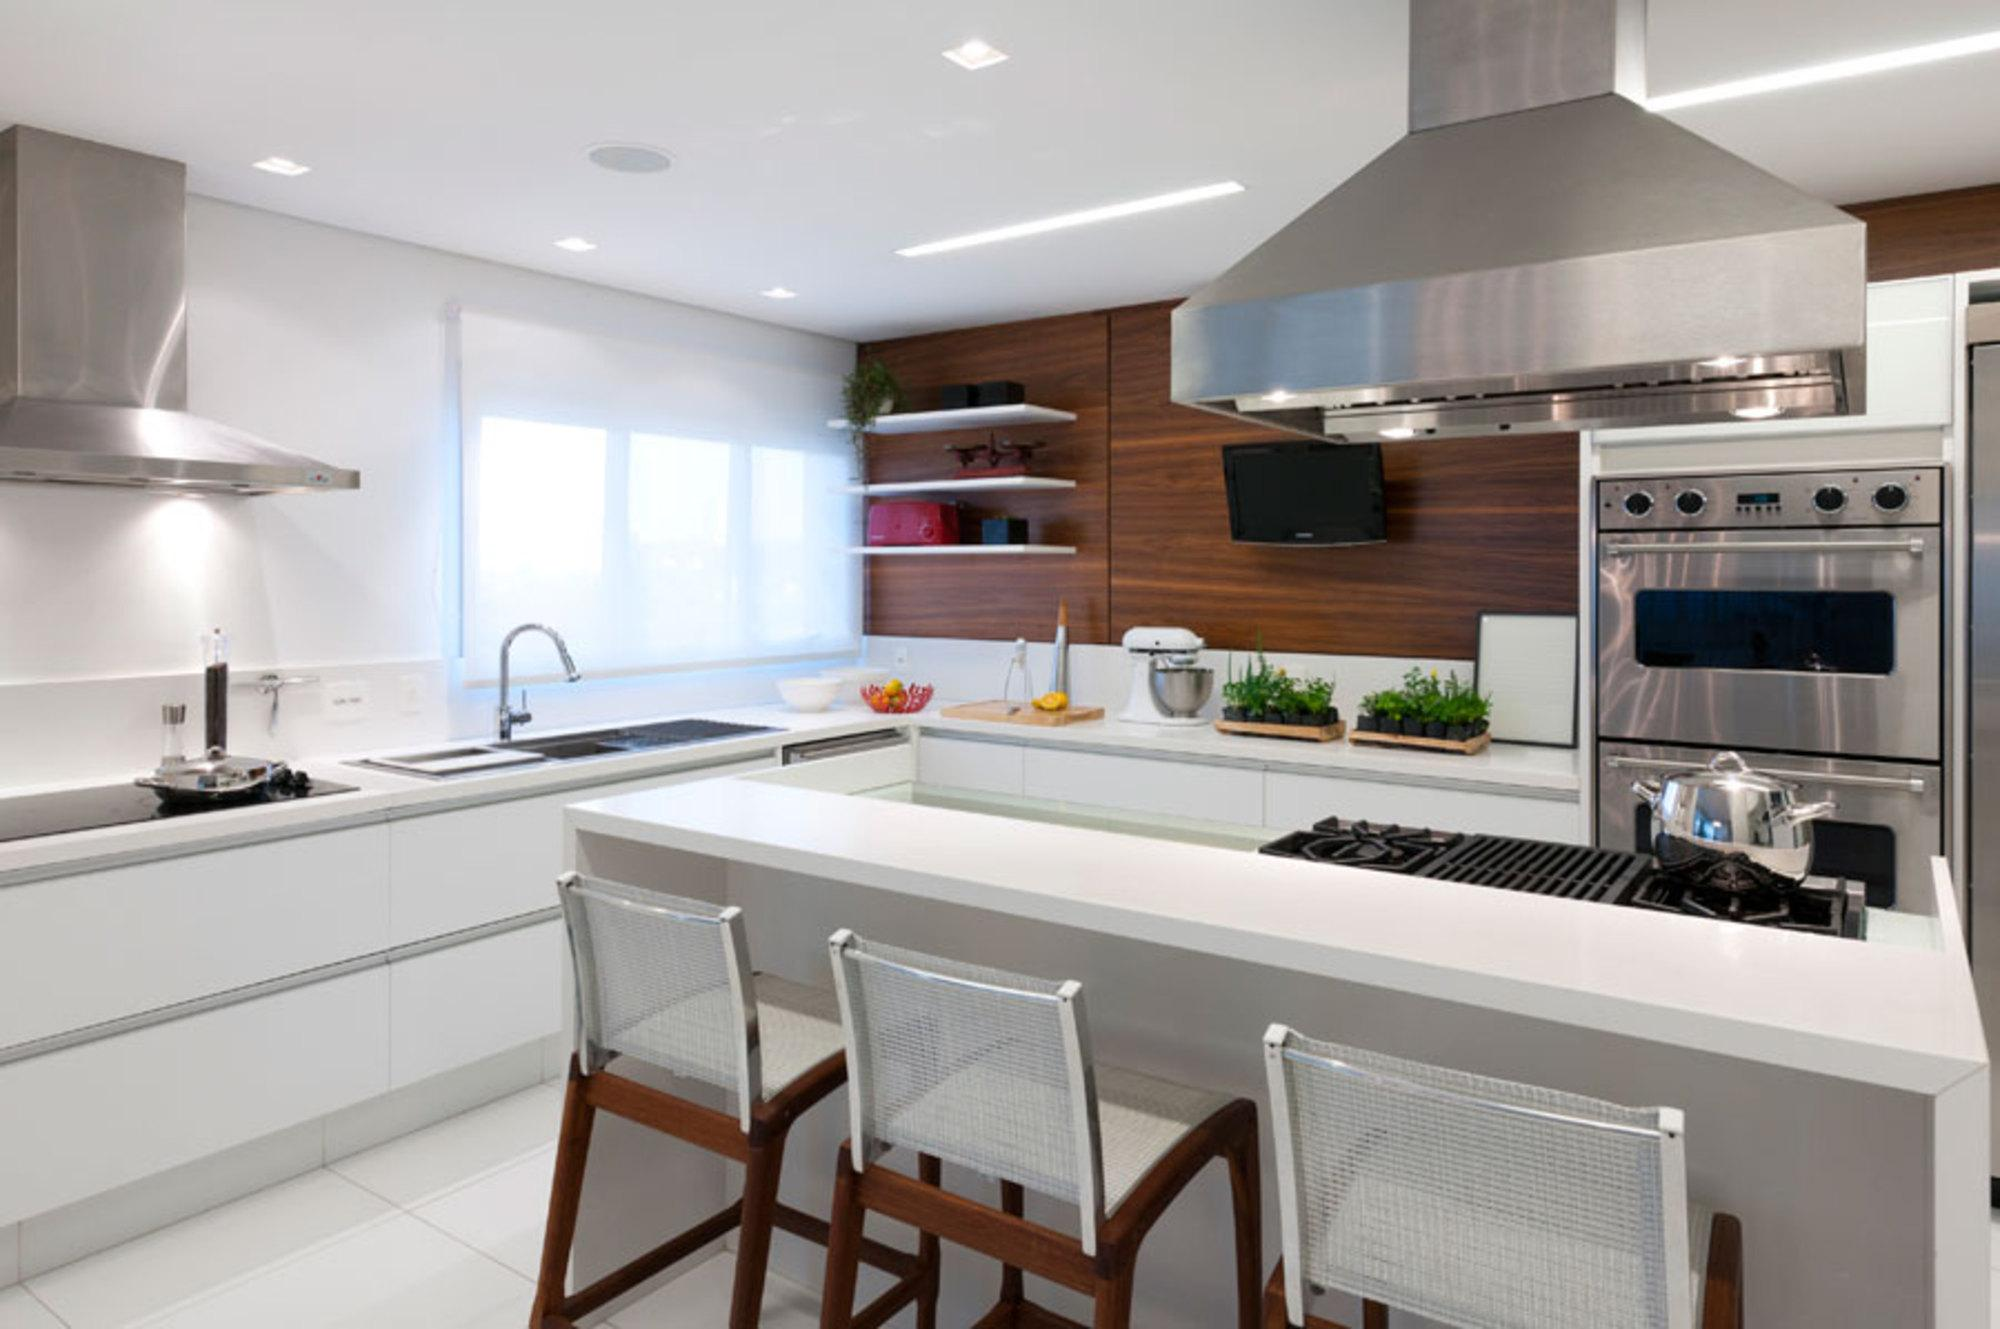 Imagem 24 – A cozinha ganhou até um espaço para embutir a TV. #634030 2000x1329